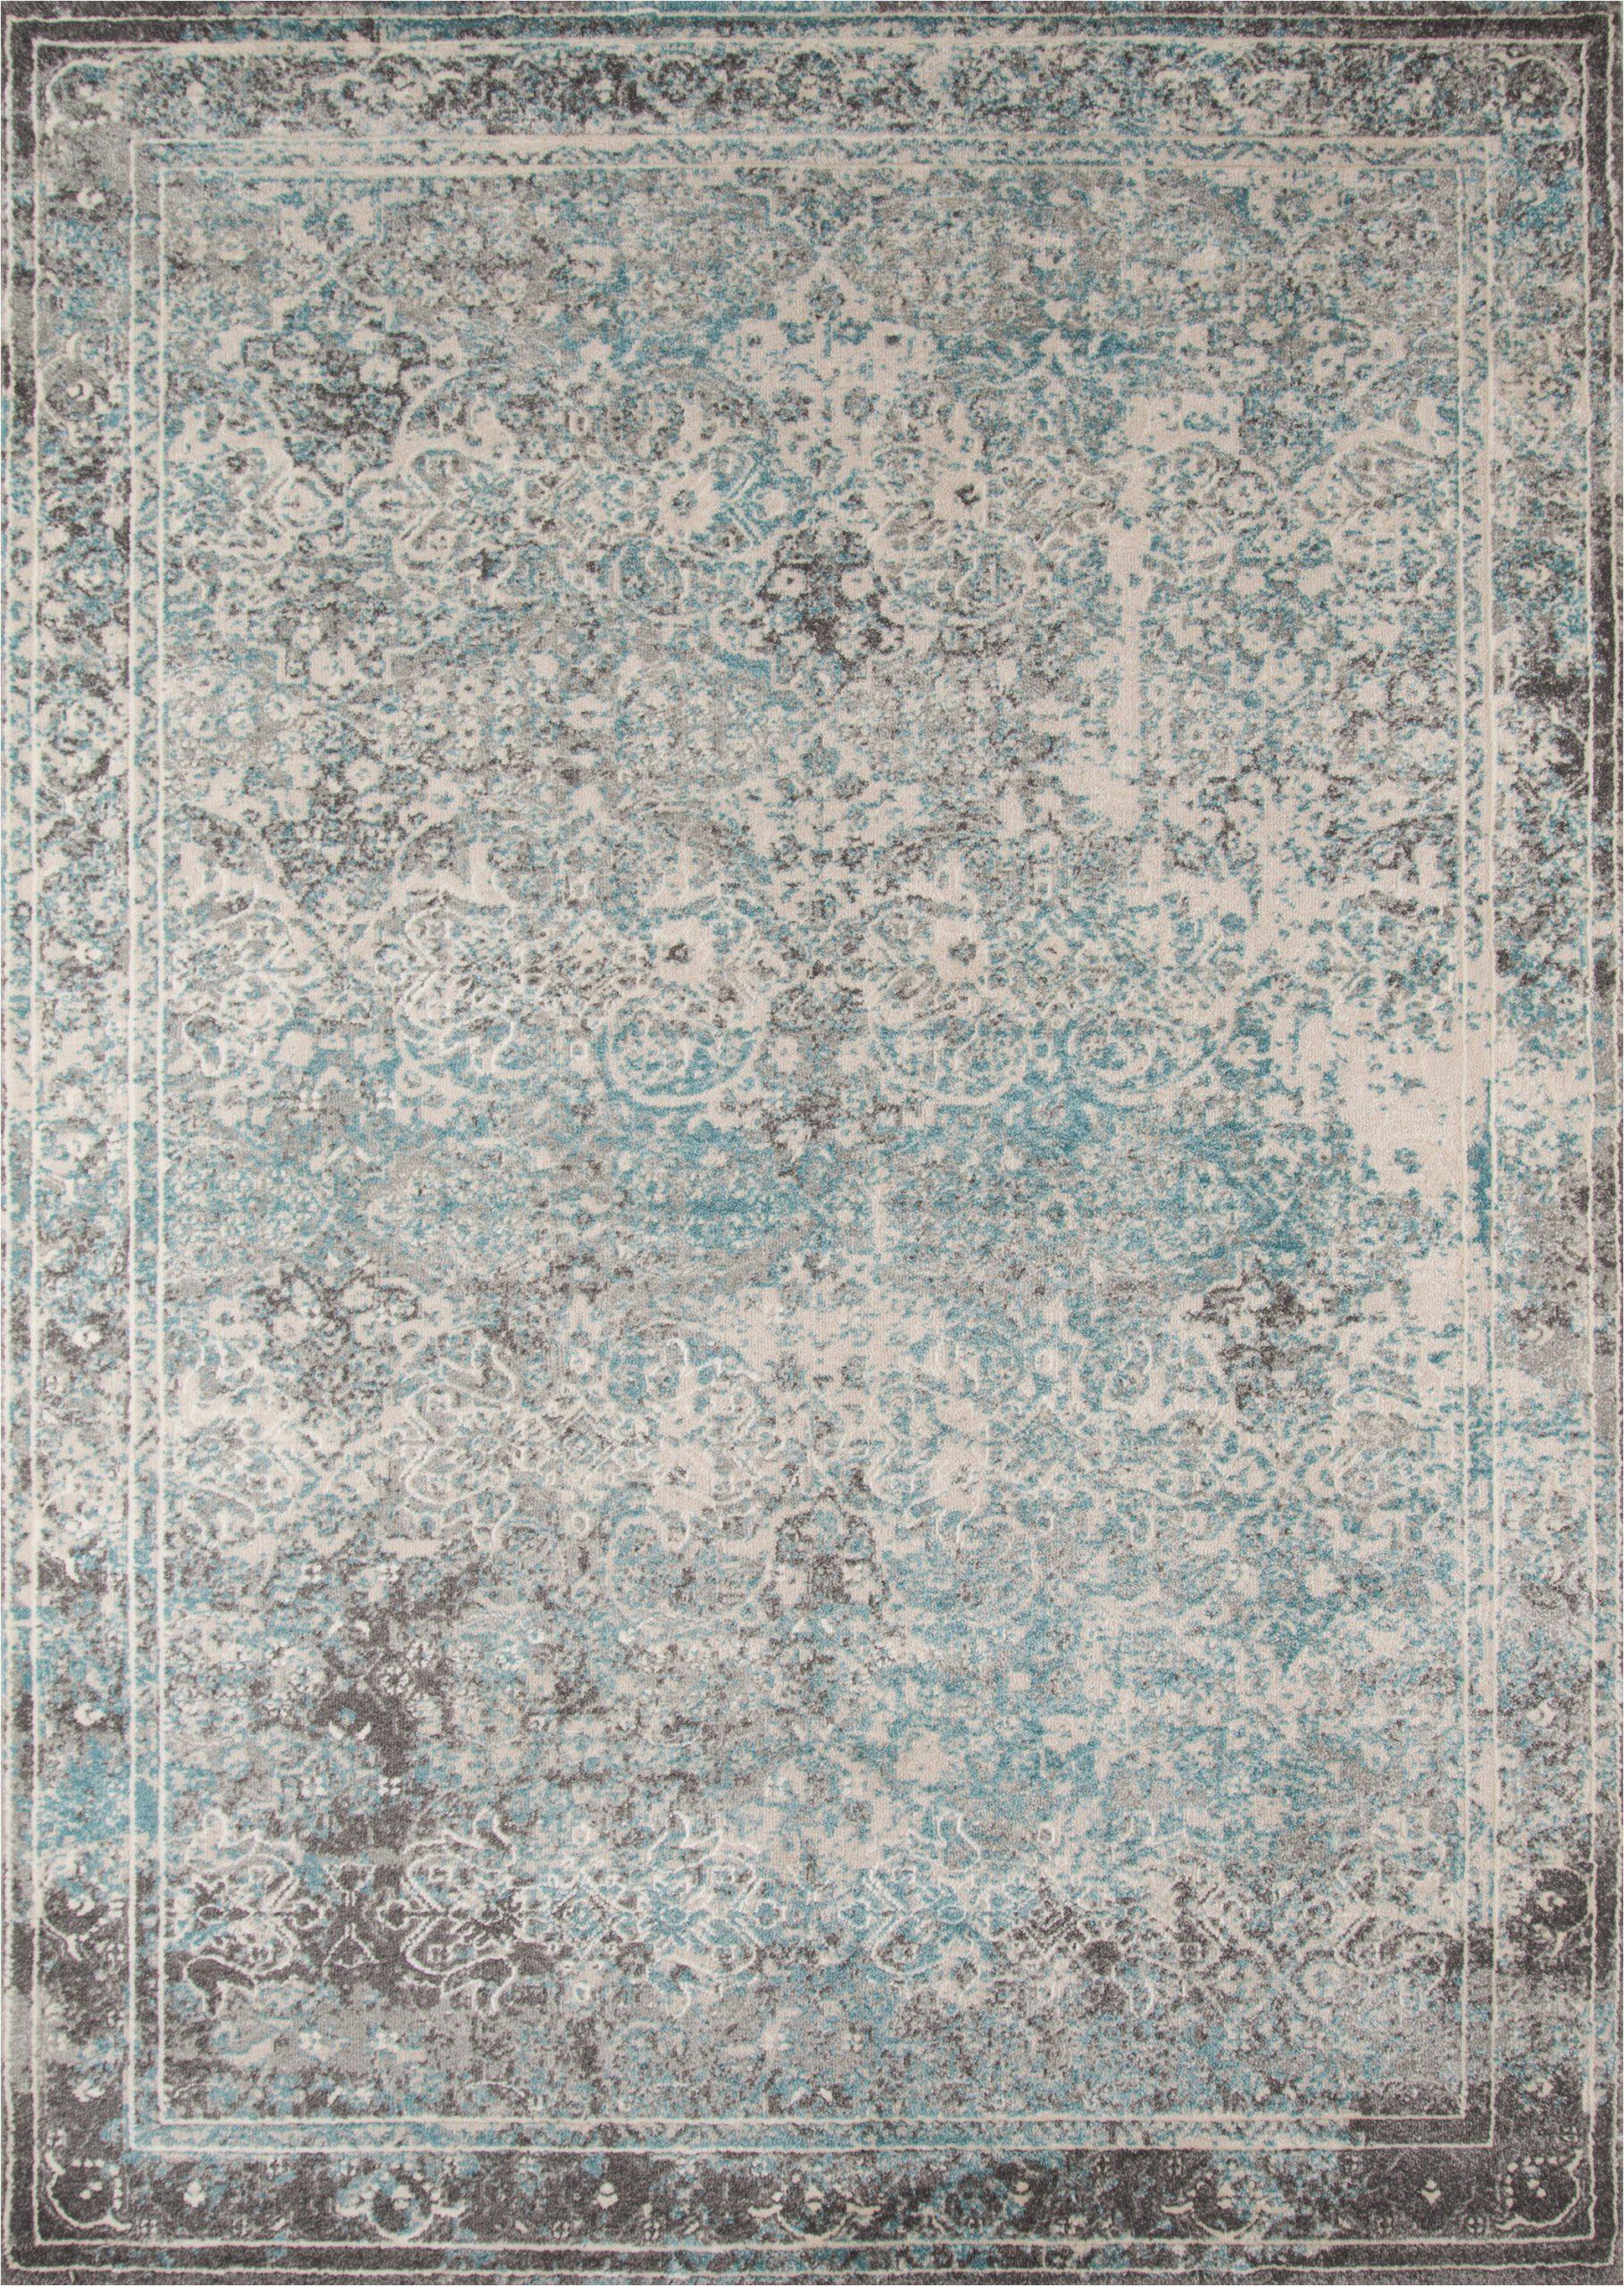 mistana danny abstract turquoisedark grayivory area rug mtna1775 piid=